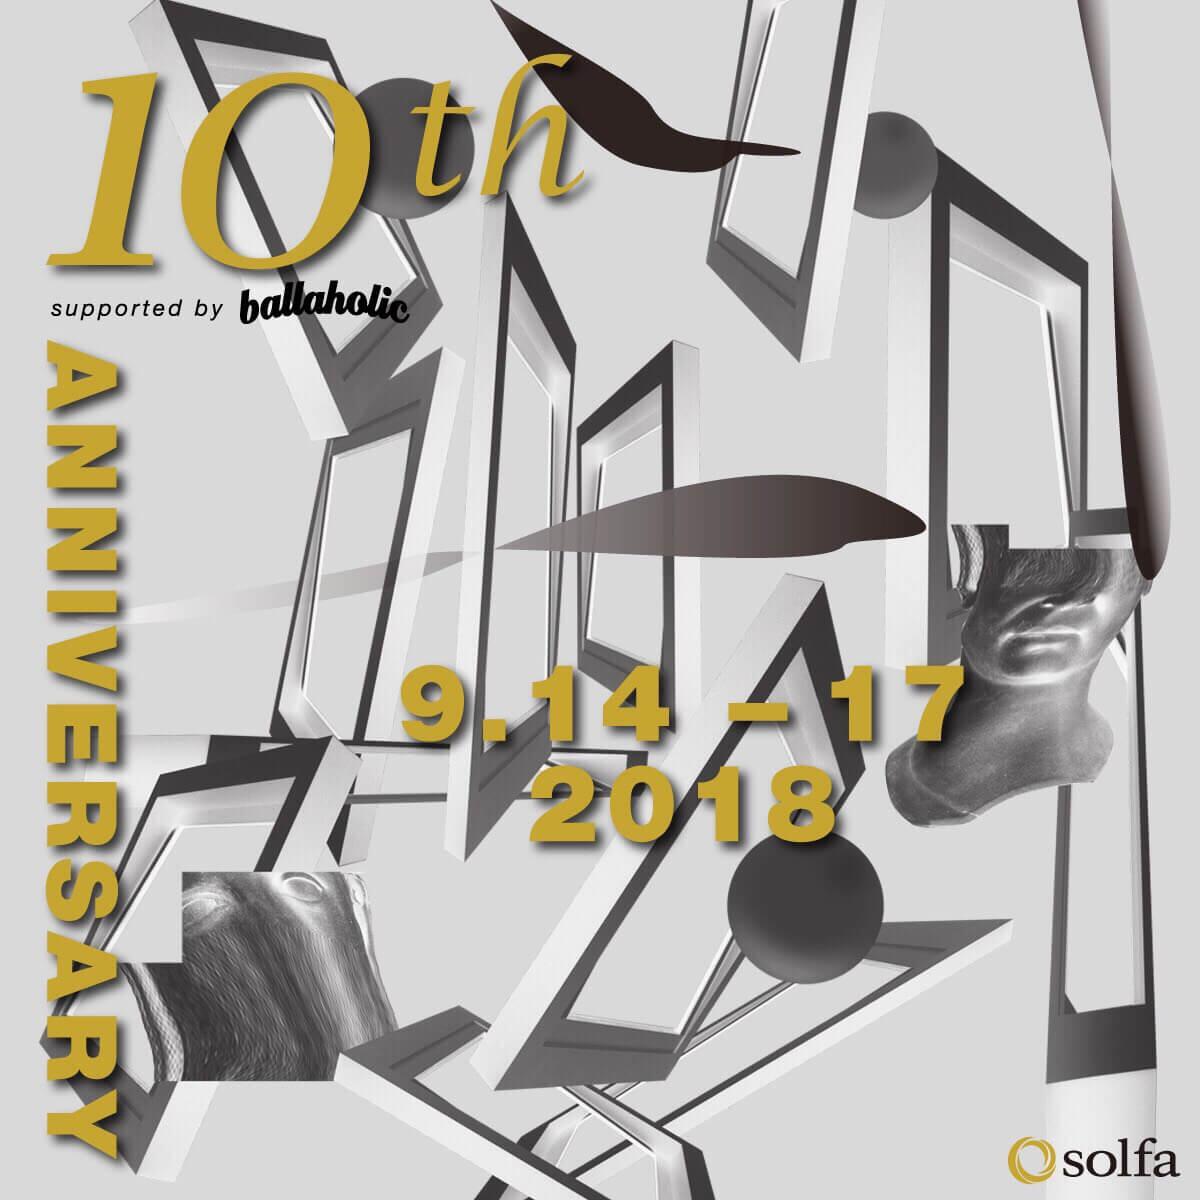 中目黒solfaの10周年アニバーサリーイベントが4日間に渡り開催|FNCYやGonno、OLIVE OIL、Chilly Sourceらが登場 music180906-solfa-10th-anniversary-7